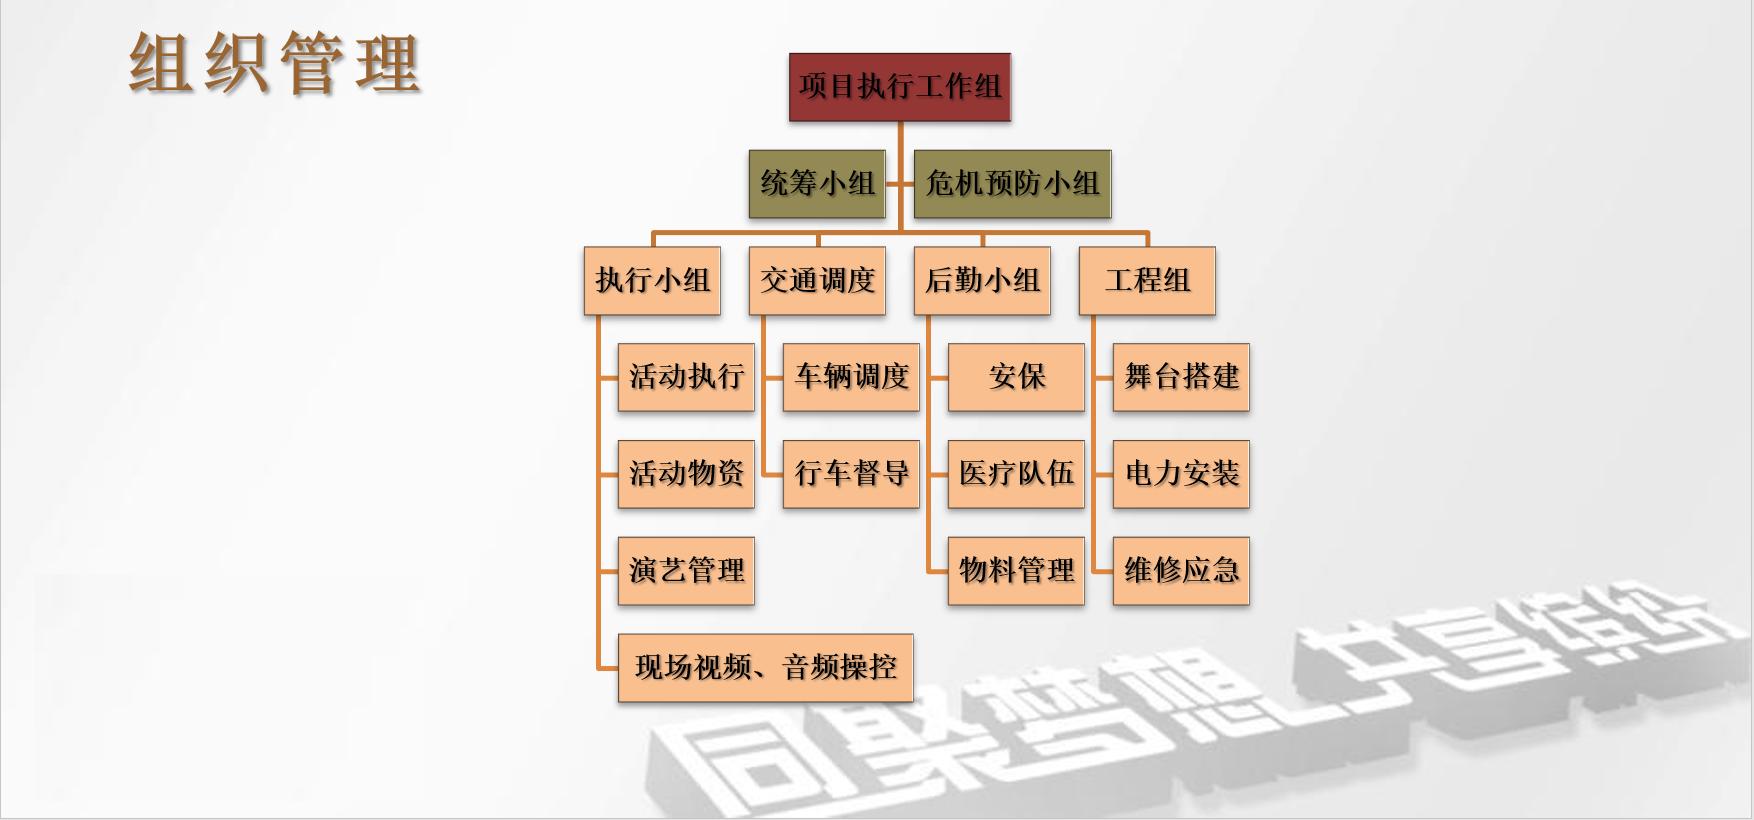 南京员工家庭日活动执行方案